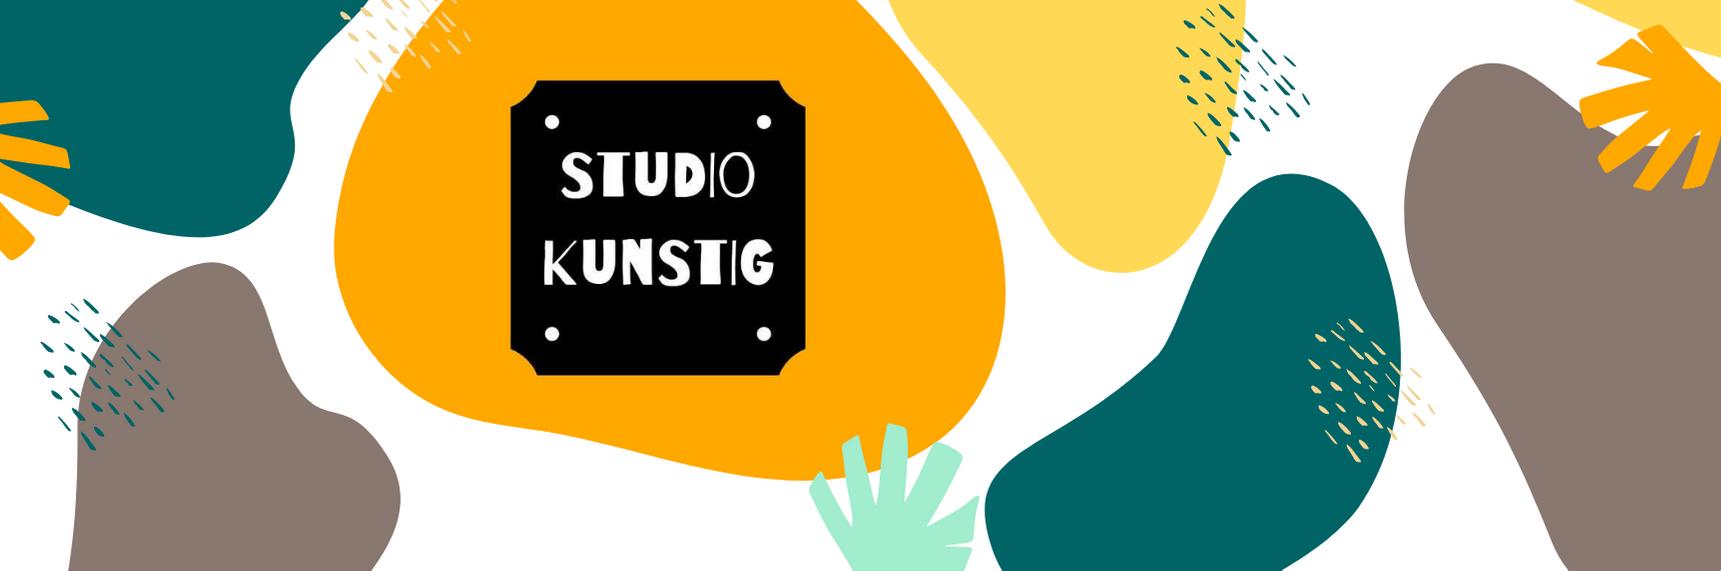 Studio Kunstig